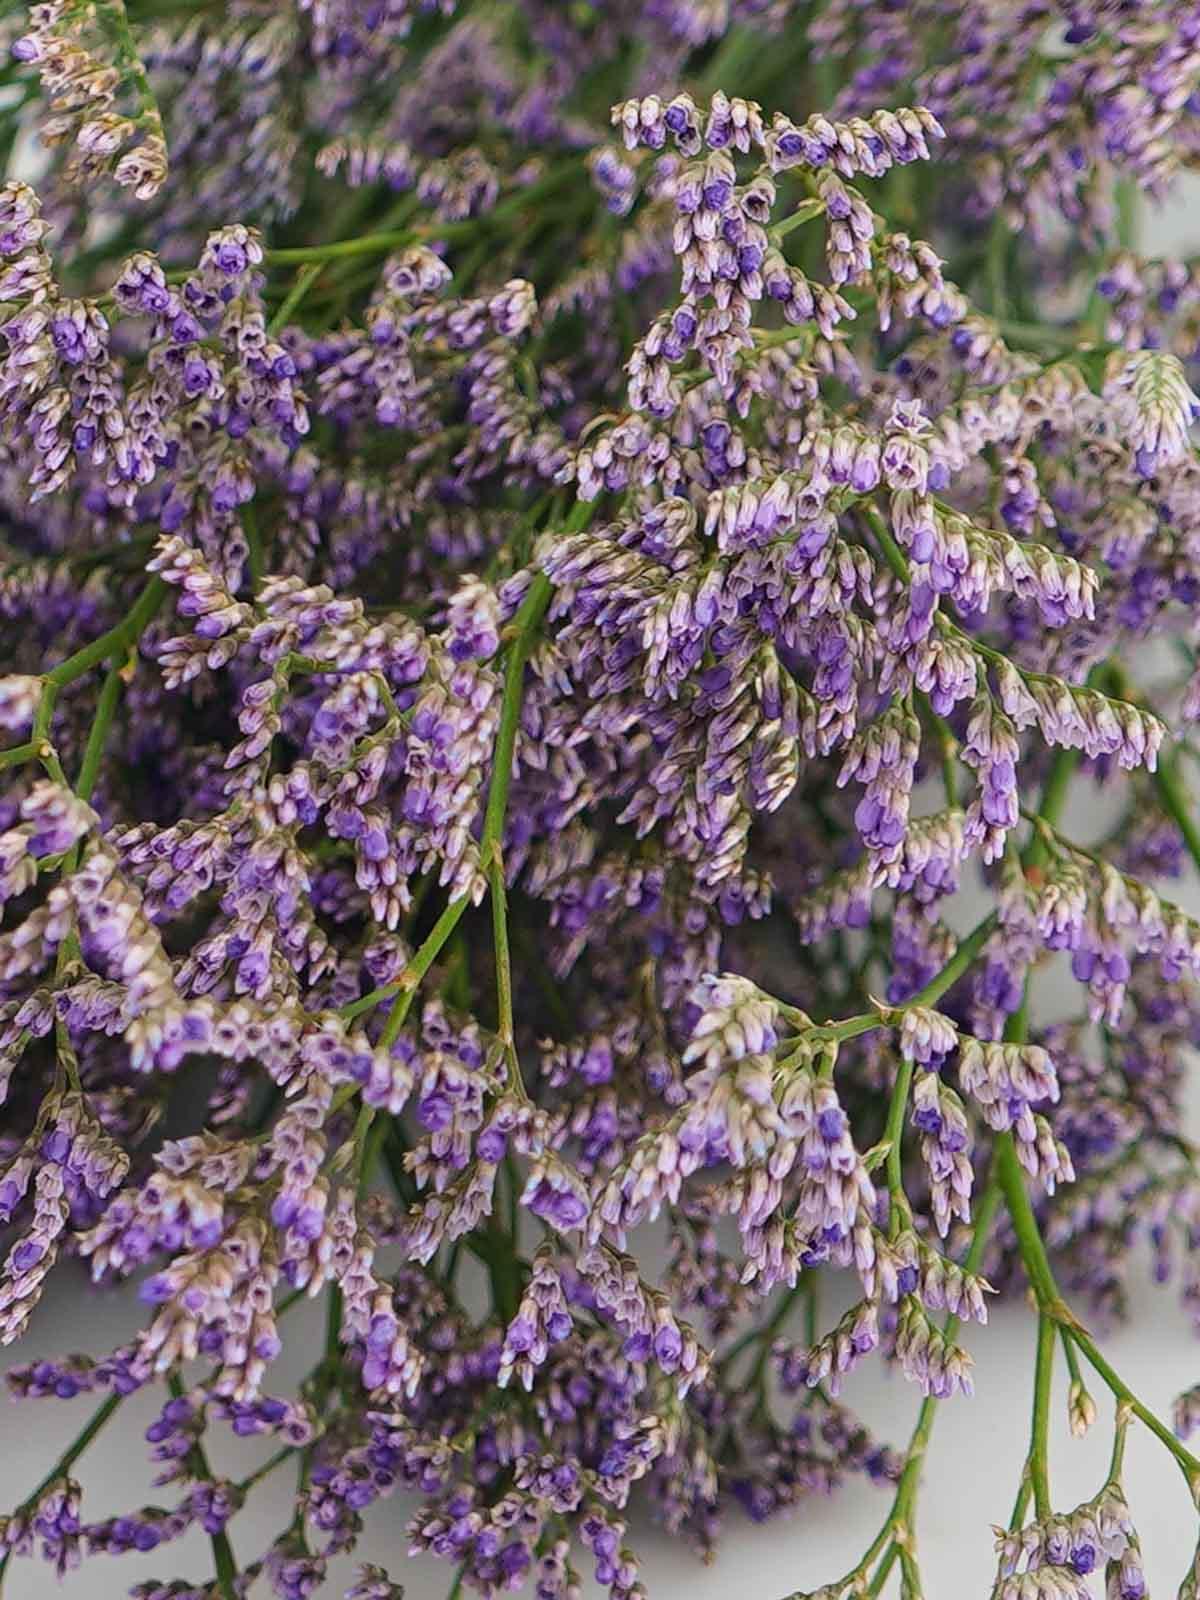 ليمونيوم بنفسجي  الزهور بالجملة زهور مقطوفة